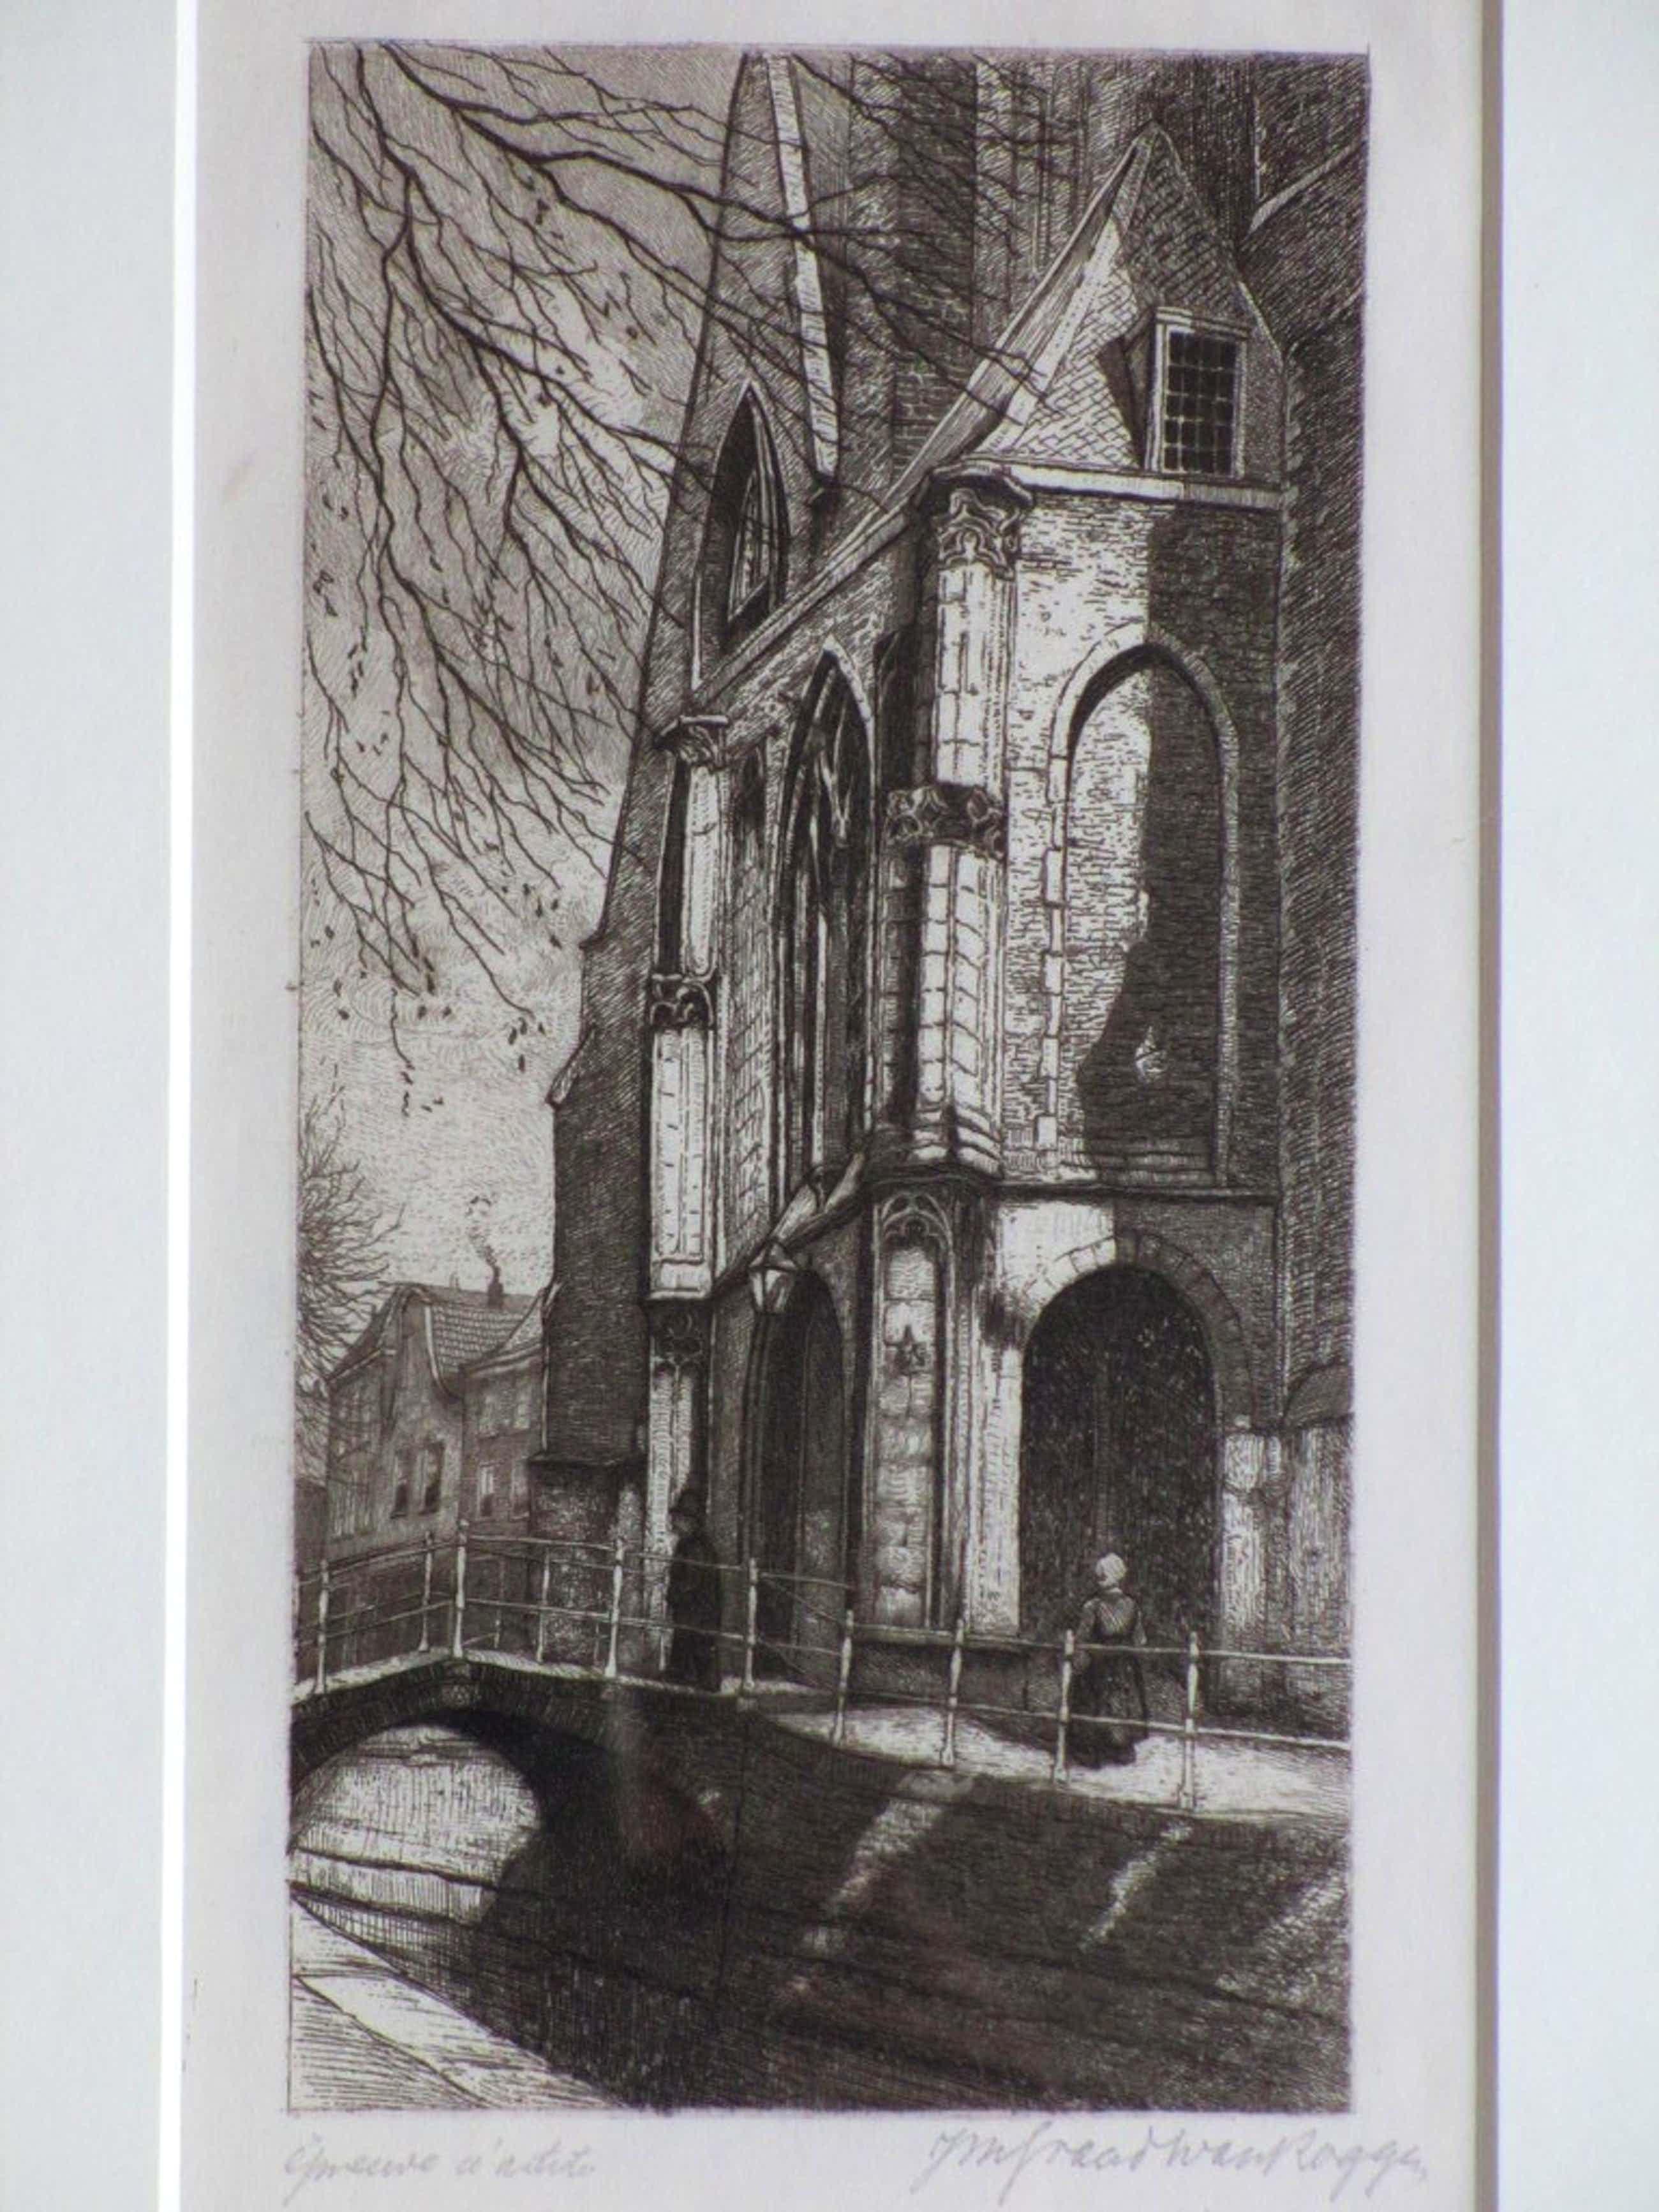 J.Graadt van Roggen, Portiek van de Oude Kerk in Delft, Ets kopen? Bied vanaf 50!